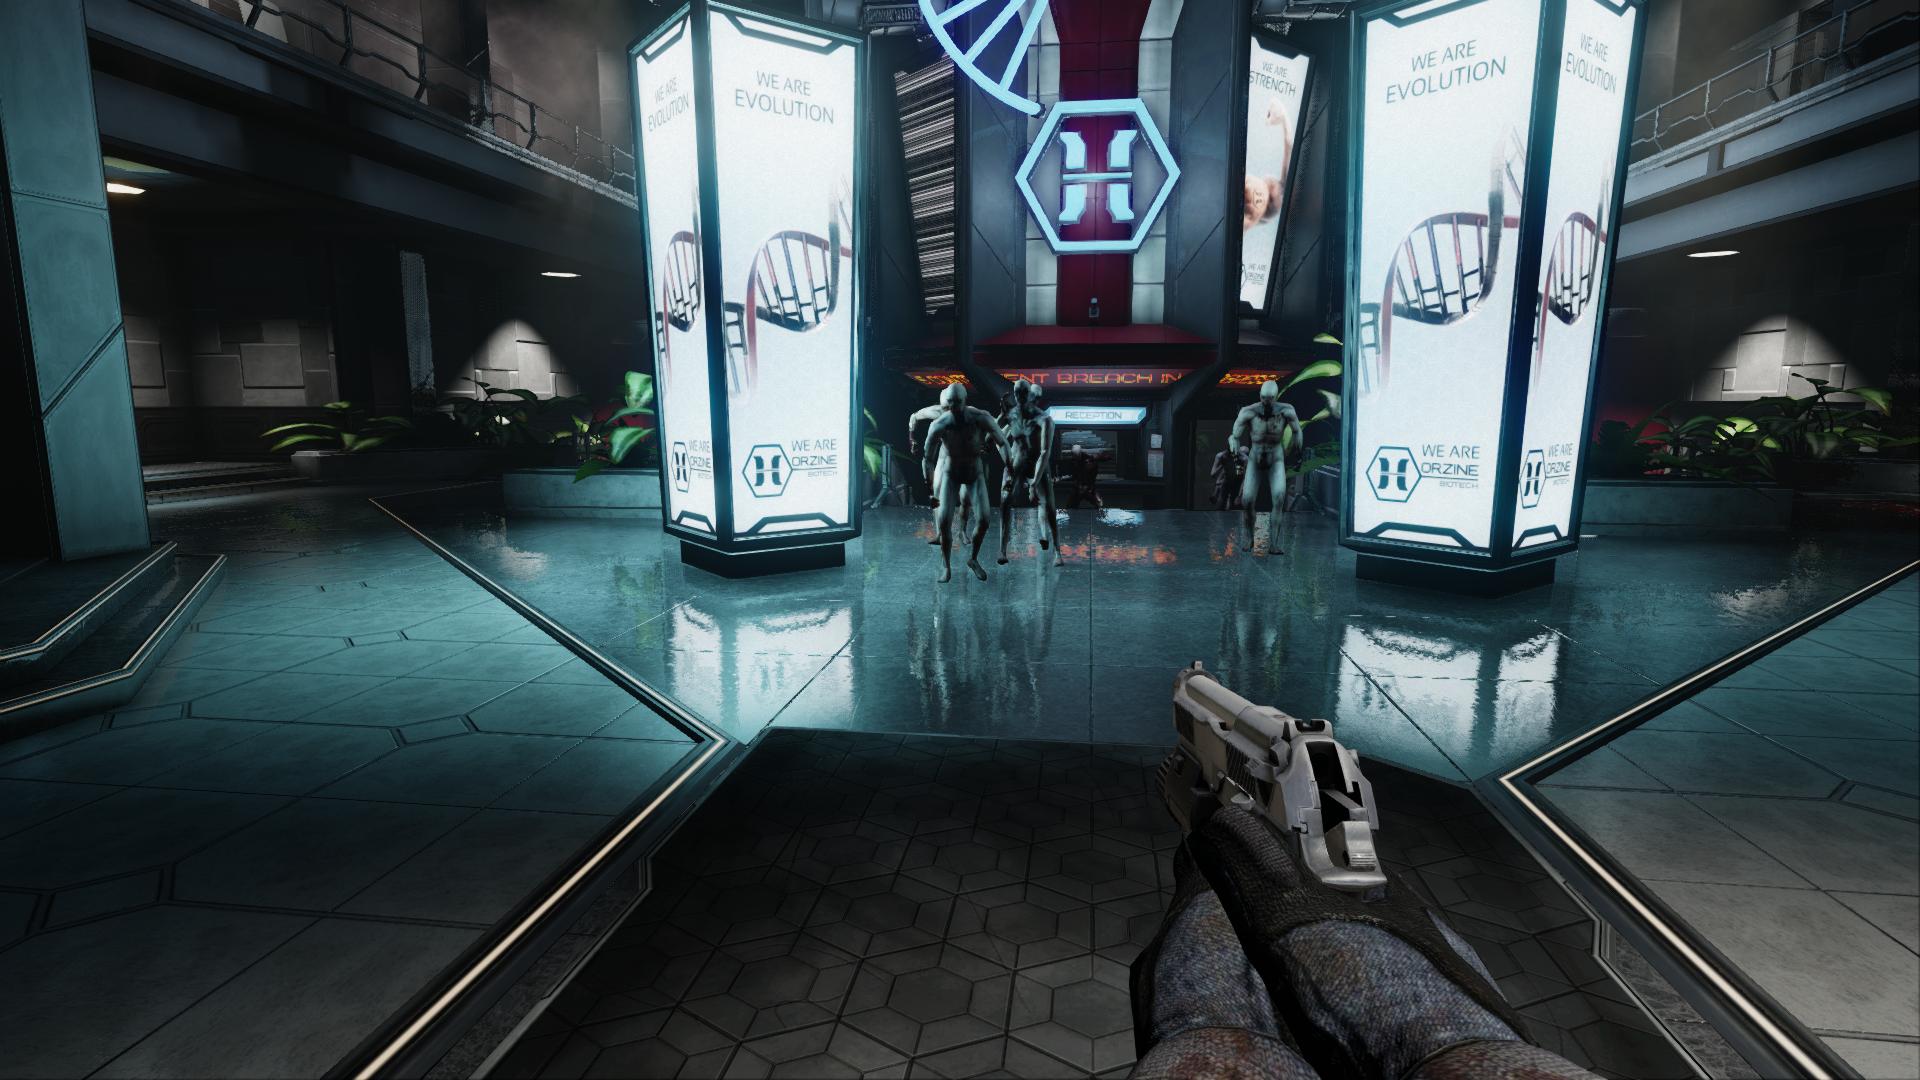 Zed用のスクリーンスペースsssやフォトリアルな反射など、pc版「killing Floor 2」のnvidia